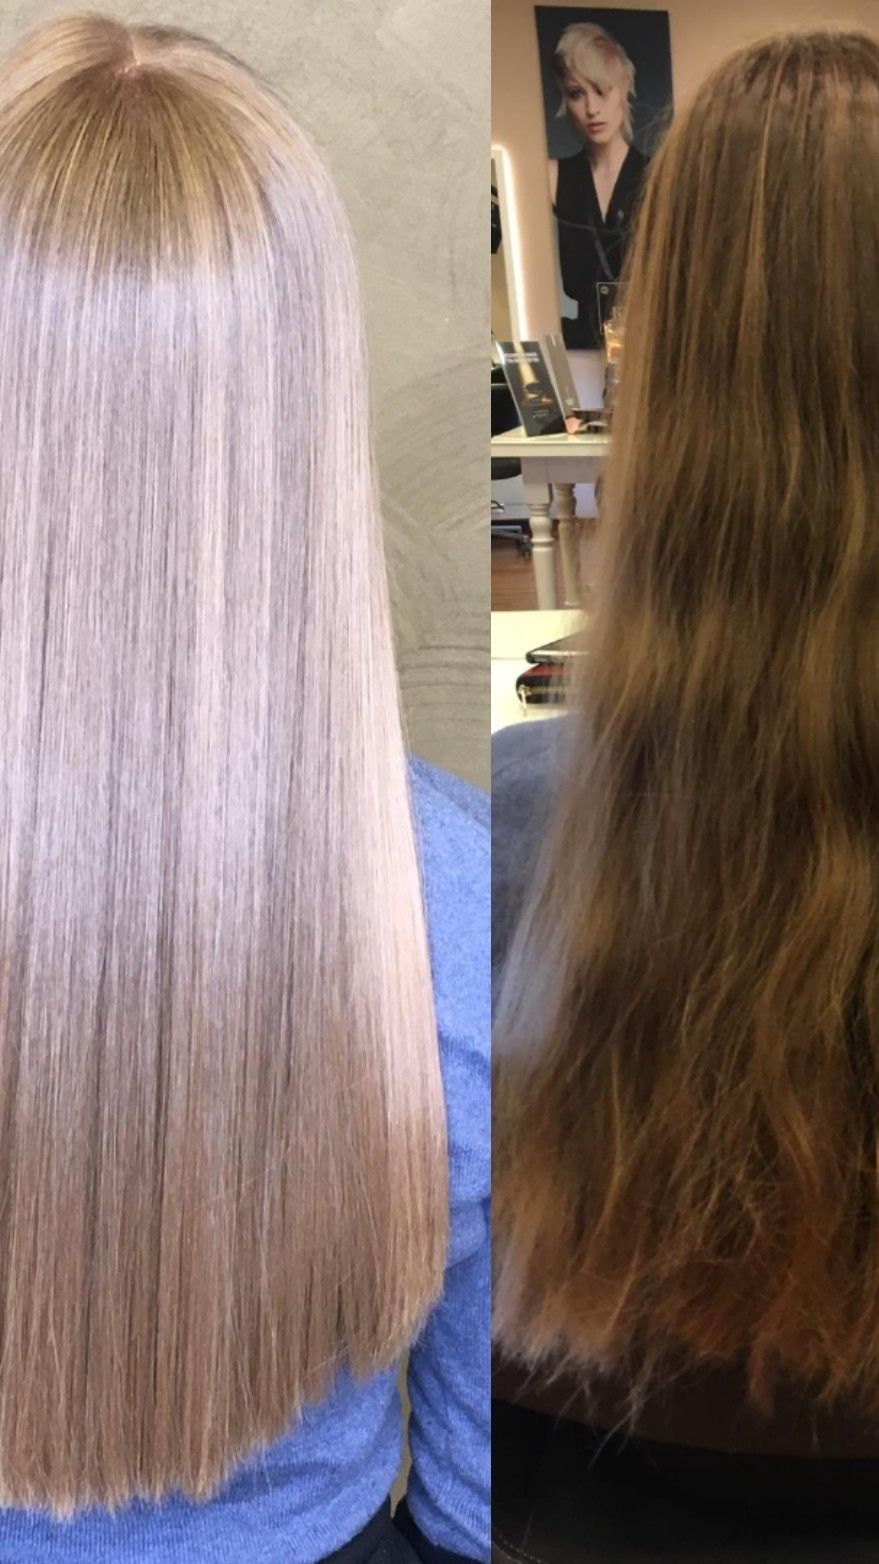 Dauerhafte Strukturglattung Fur Bis Zu 6 Monate Glatte Haare Ohne Glatteisen Eine Umfangreiche Anleitung Von Iris Kalz Wellness